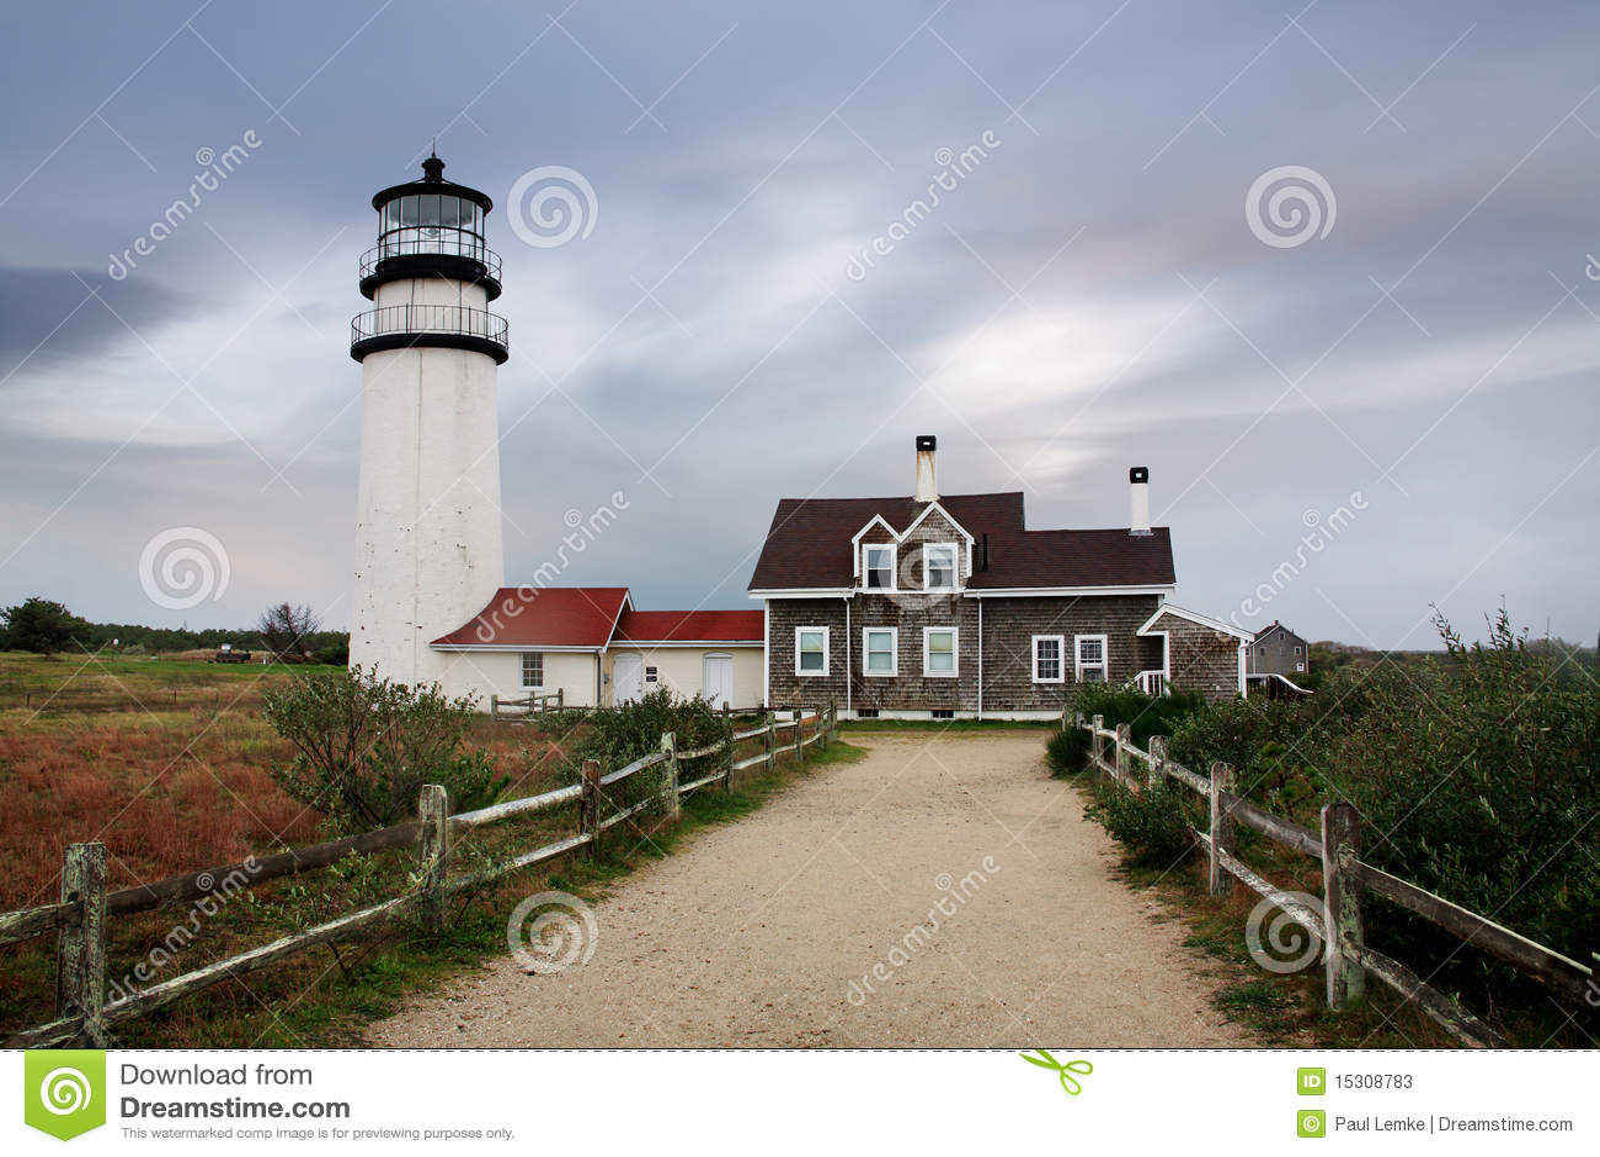 The Cape Cod Highland Lighthouse